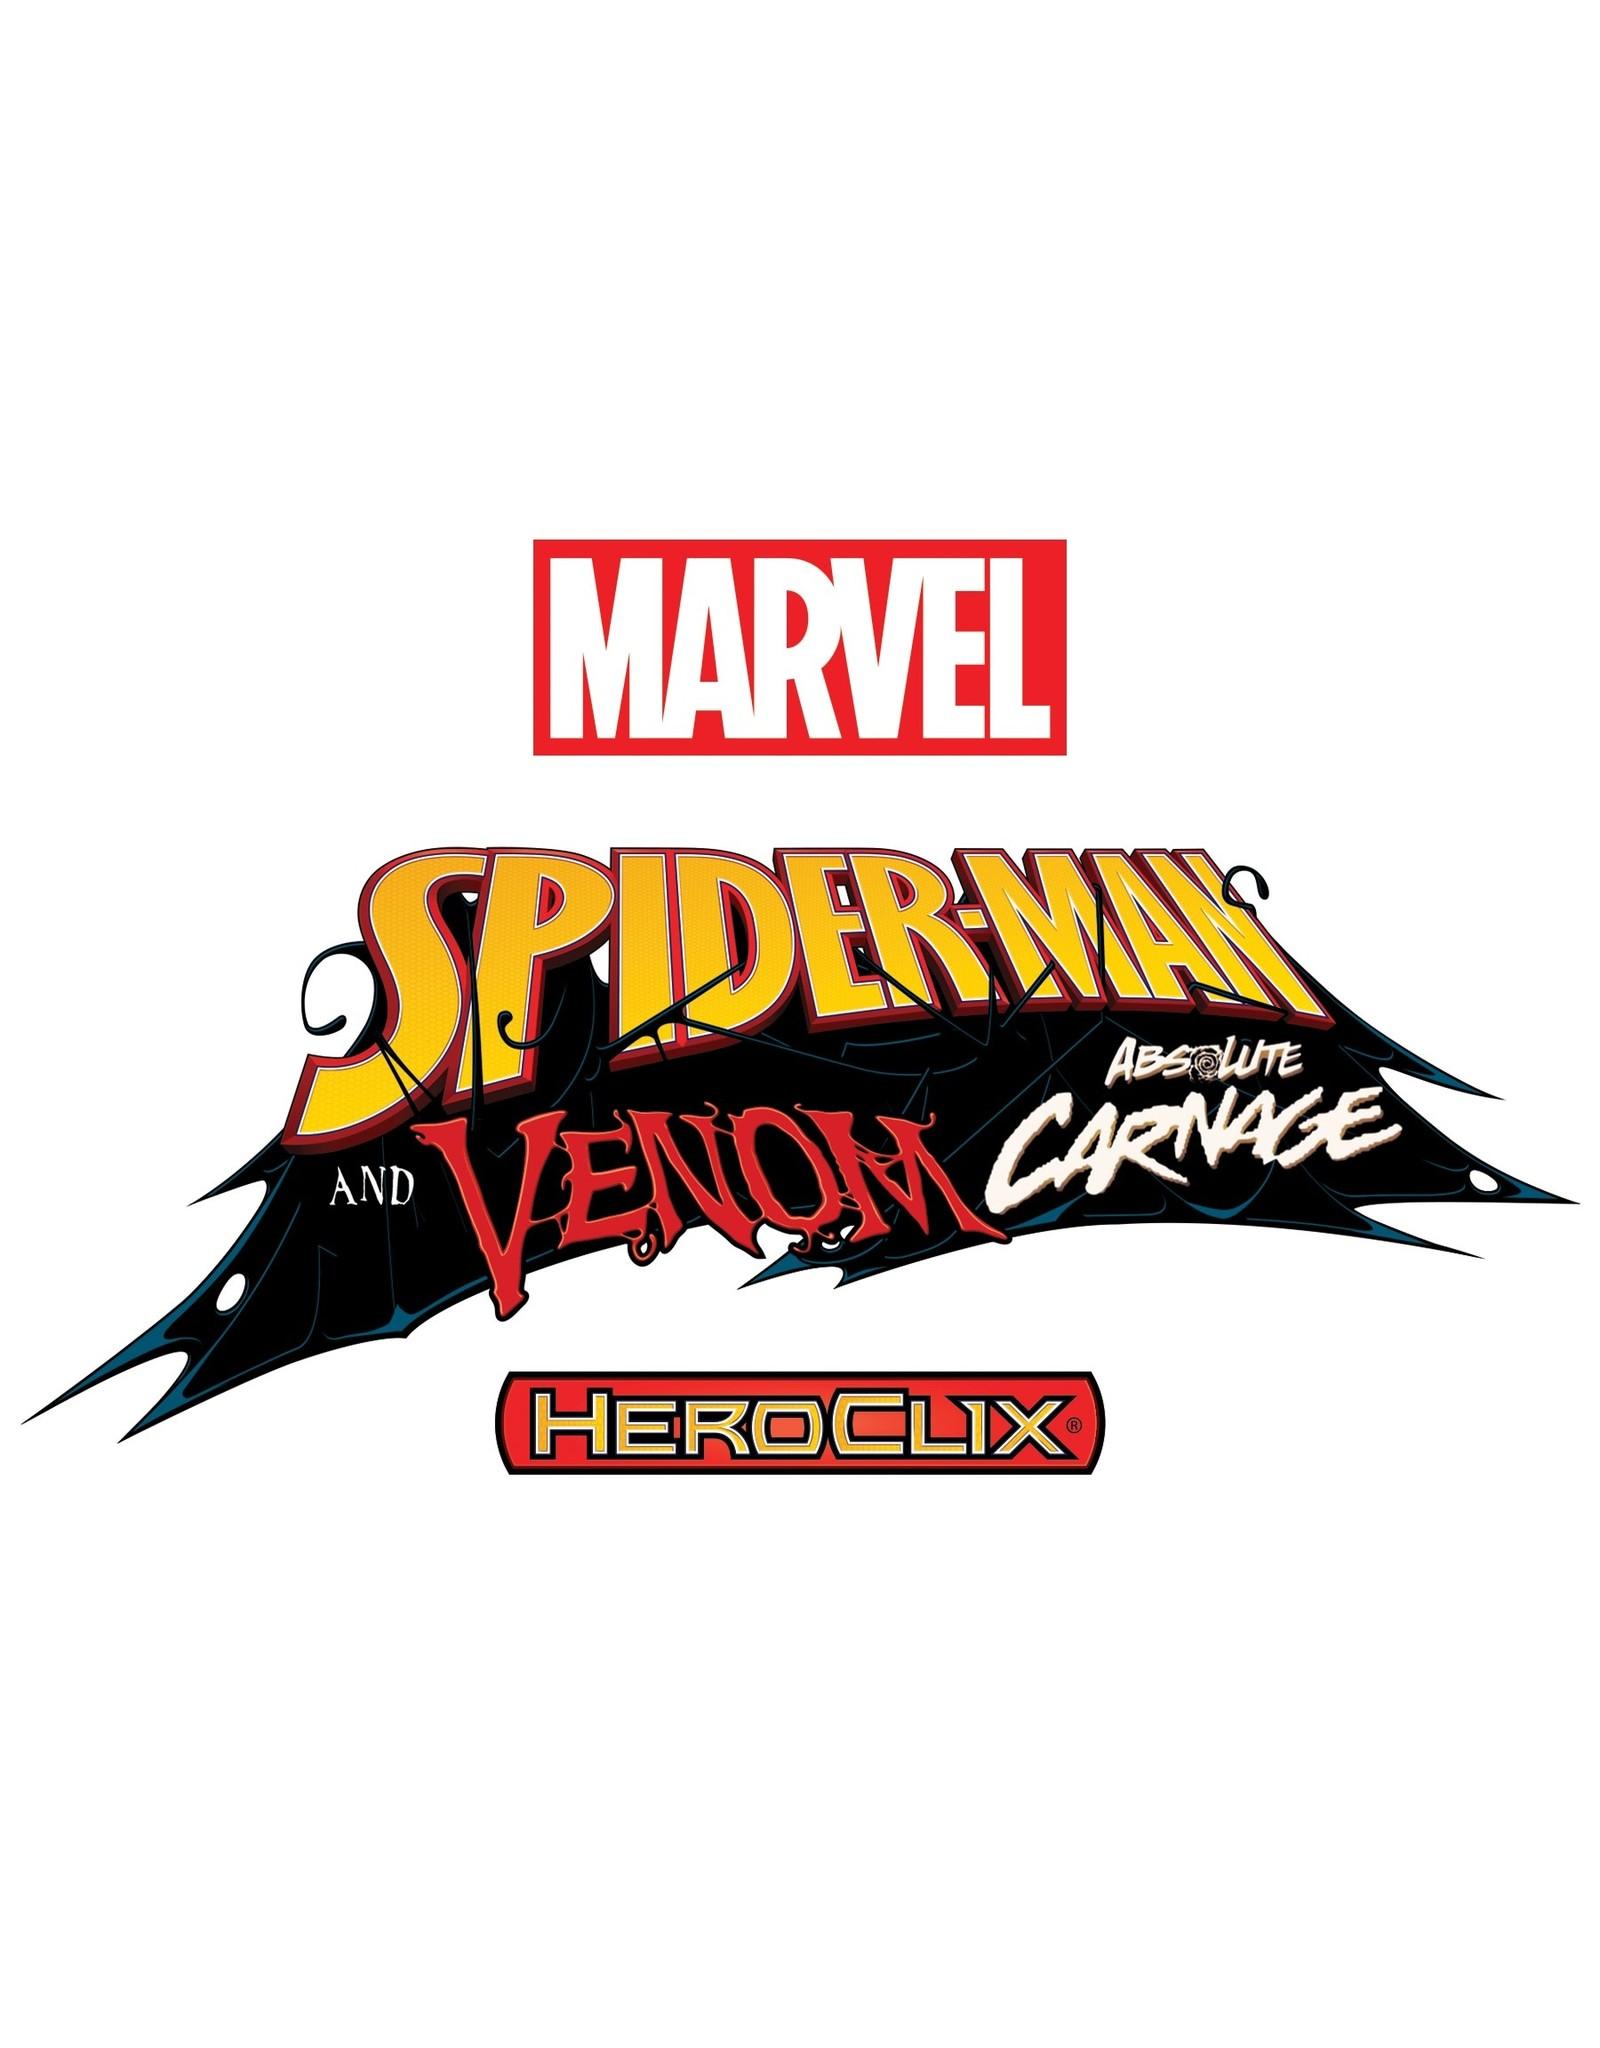 wizkids-marvel-heroclix-spider-man-and-v